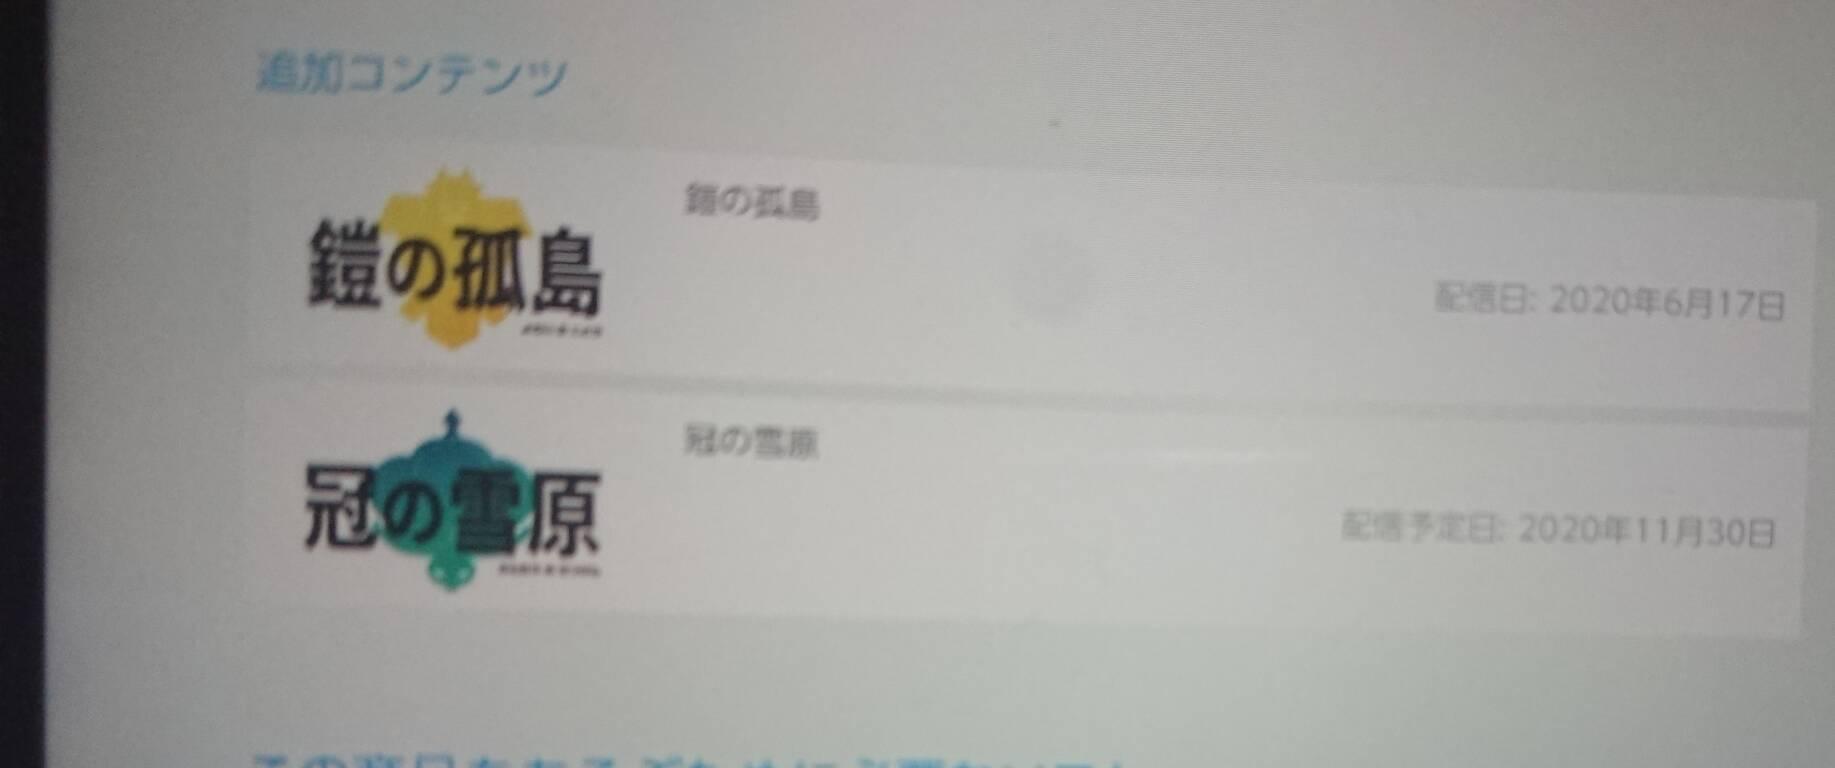 【朗報】ポケモン剣盾の「冠の雪原」の配信日がeshopに記載される